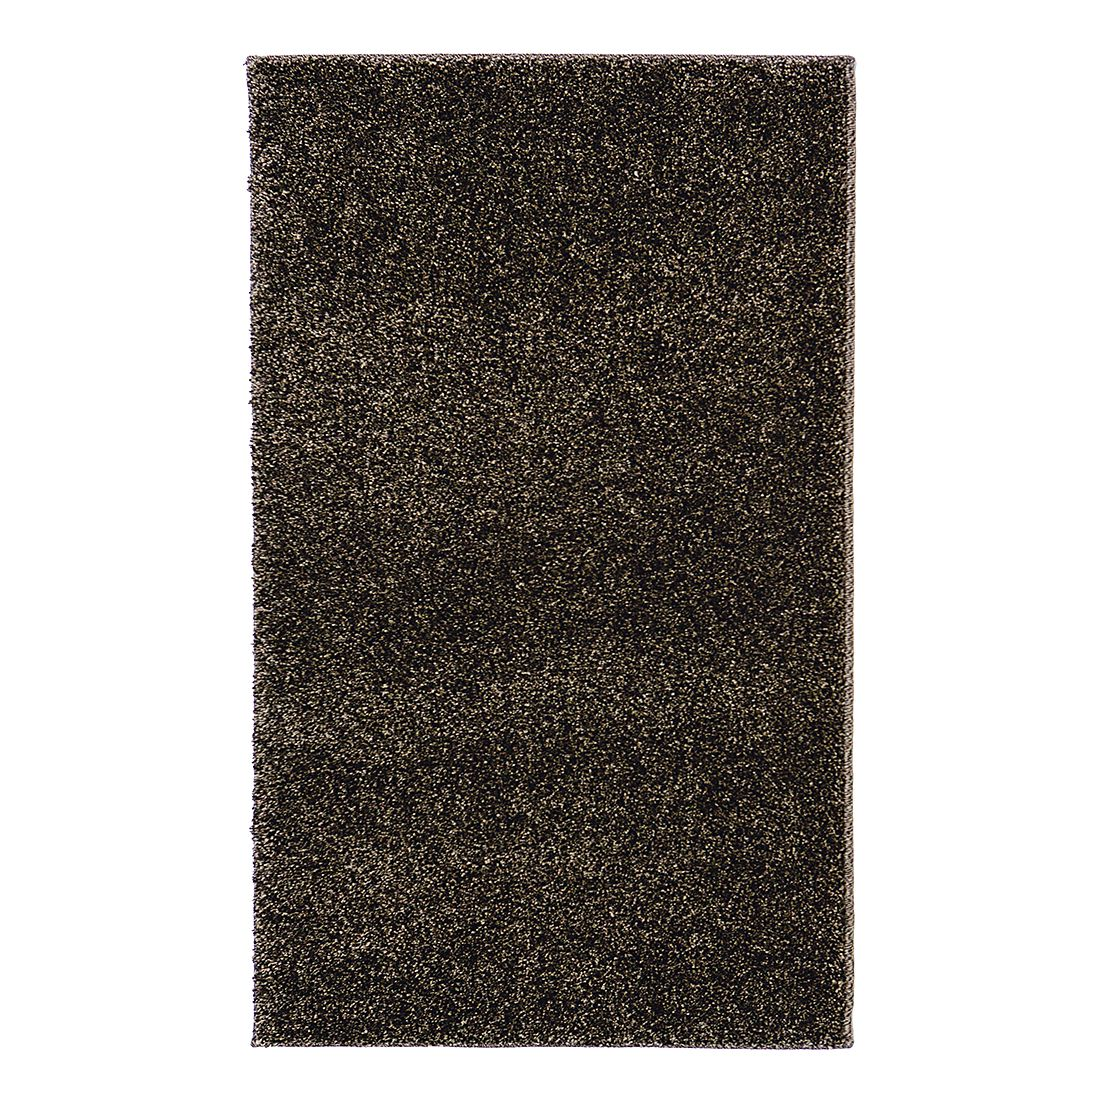 Teppich Samoa I – Braun – 120 x 180 cm, Astra kaufen